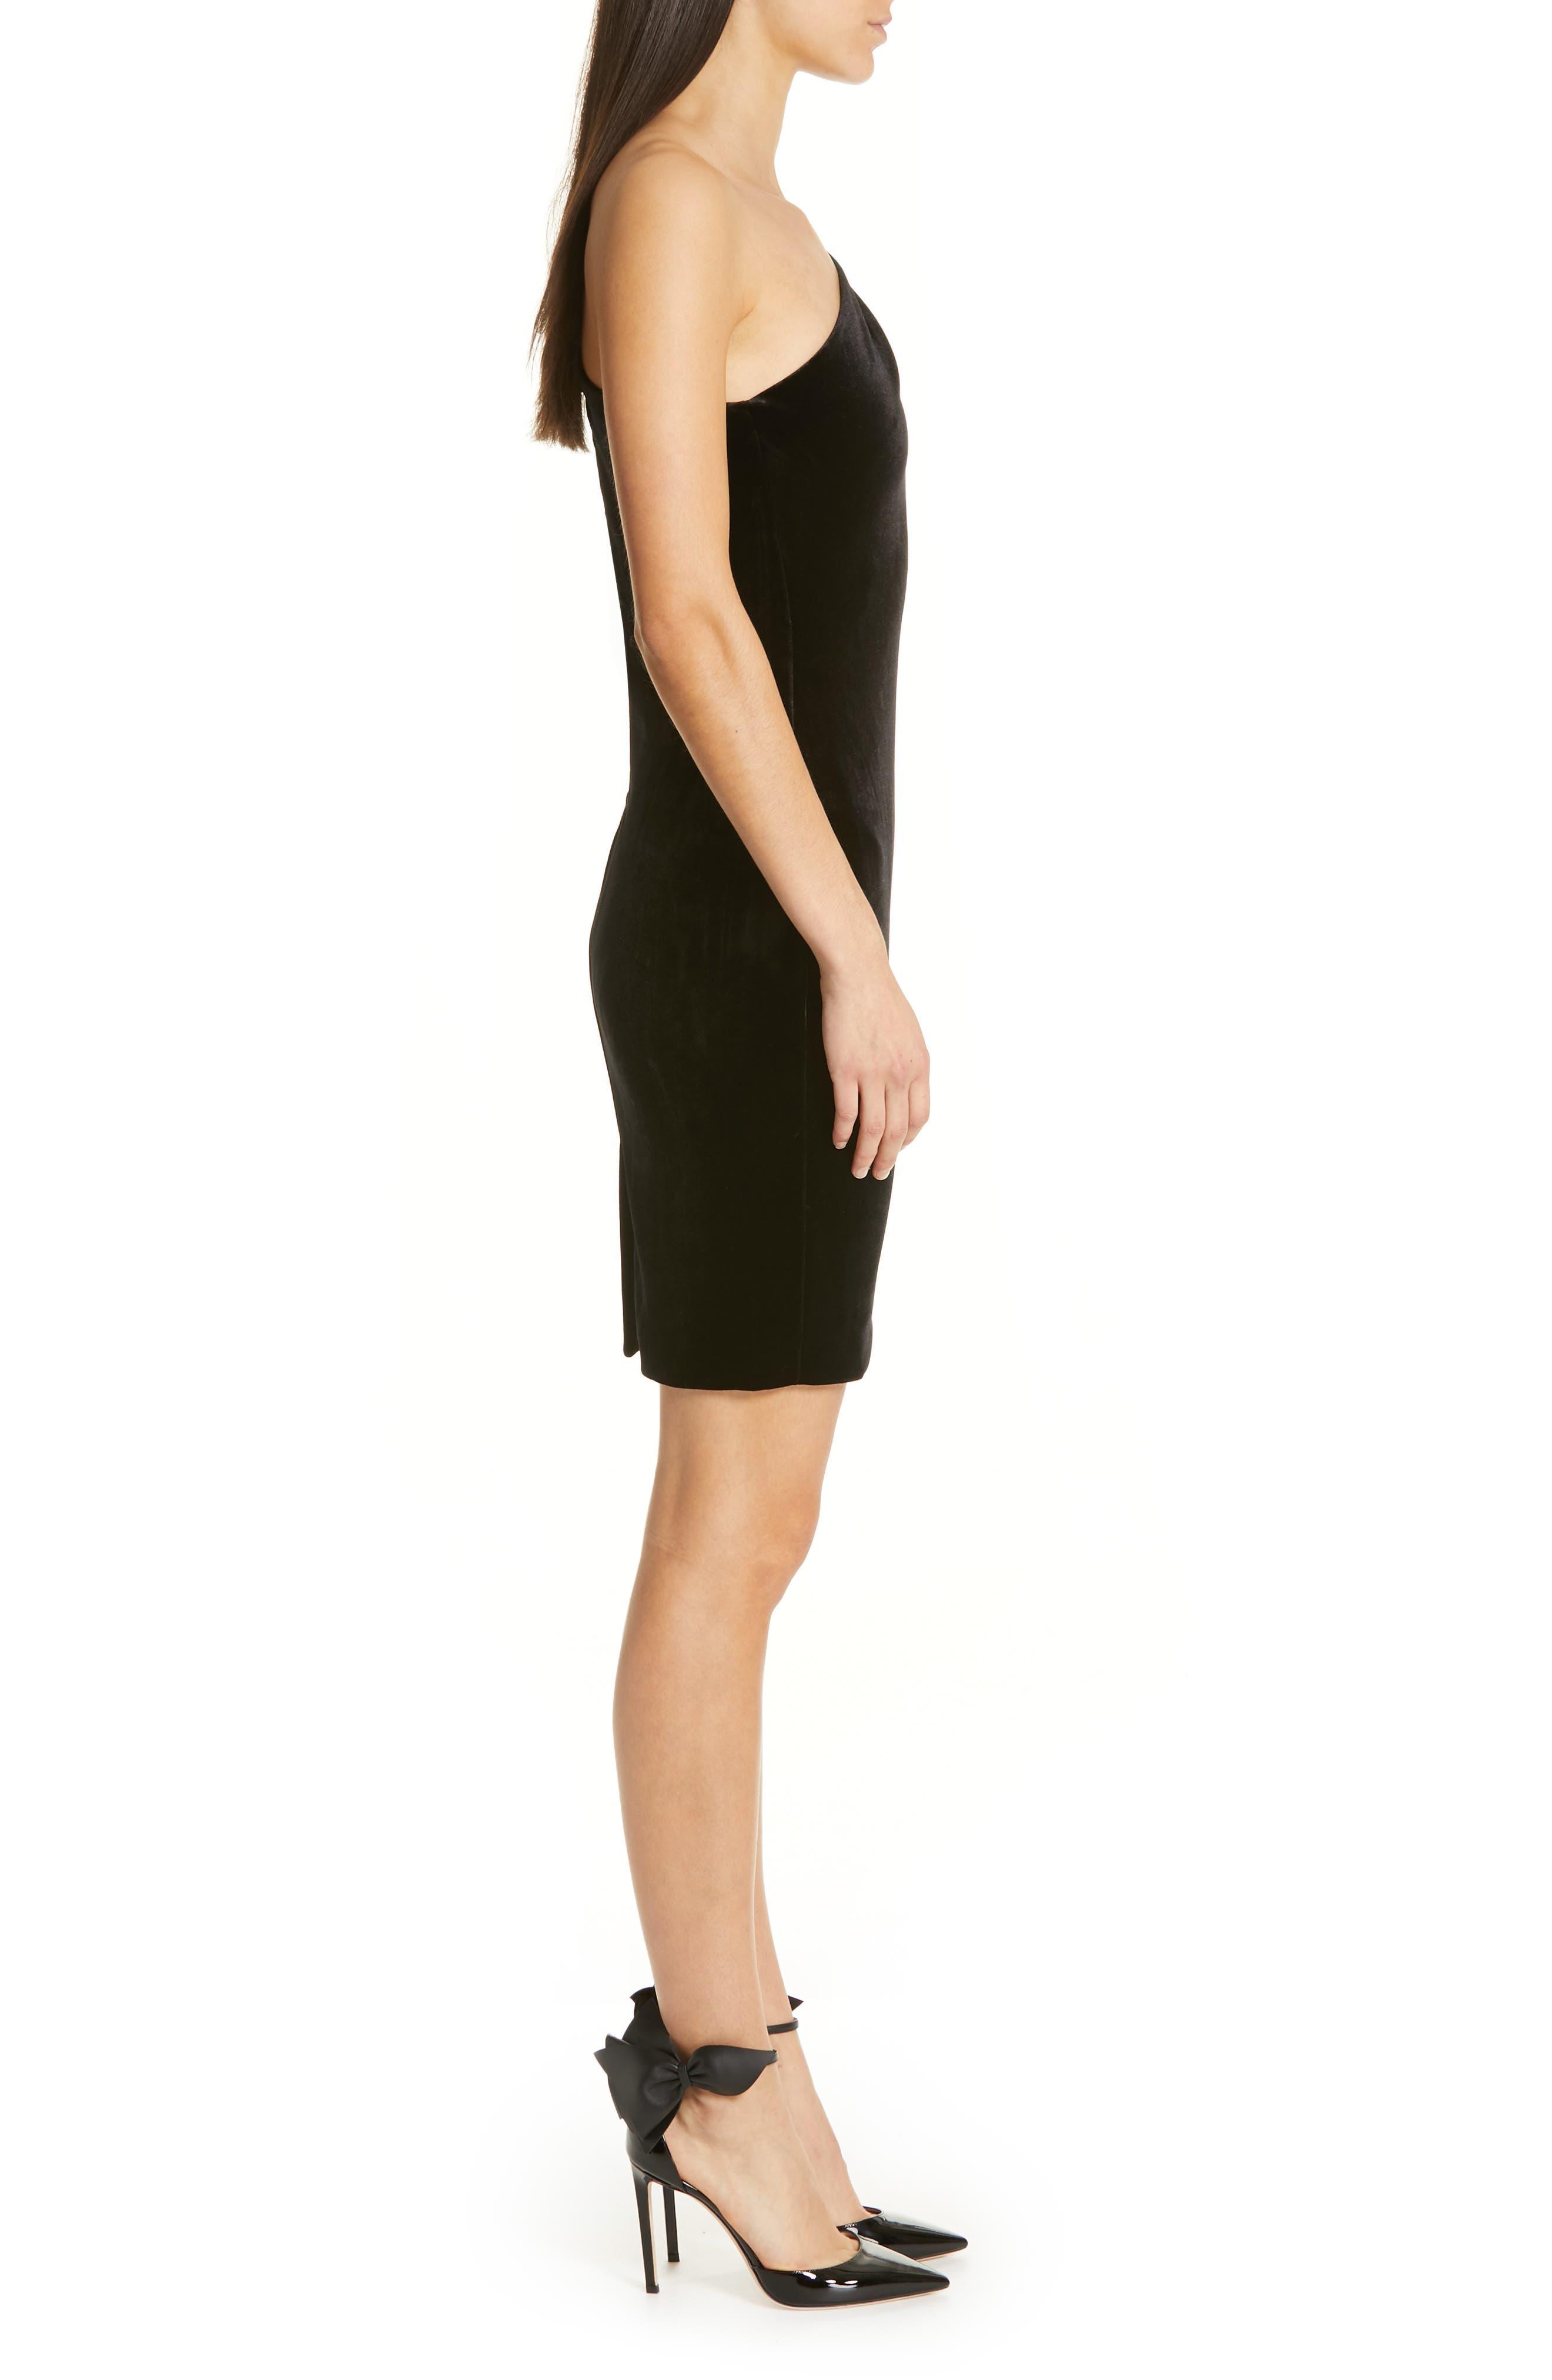 Awwtum One-Shoulder Velvet Body-Con Dress,                             Alternate thumbnail 3, color,                             BLACK